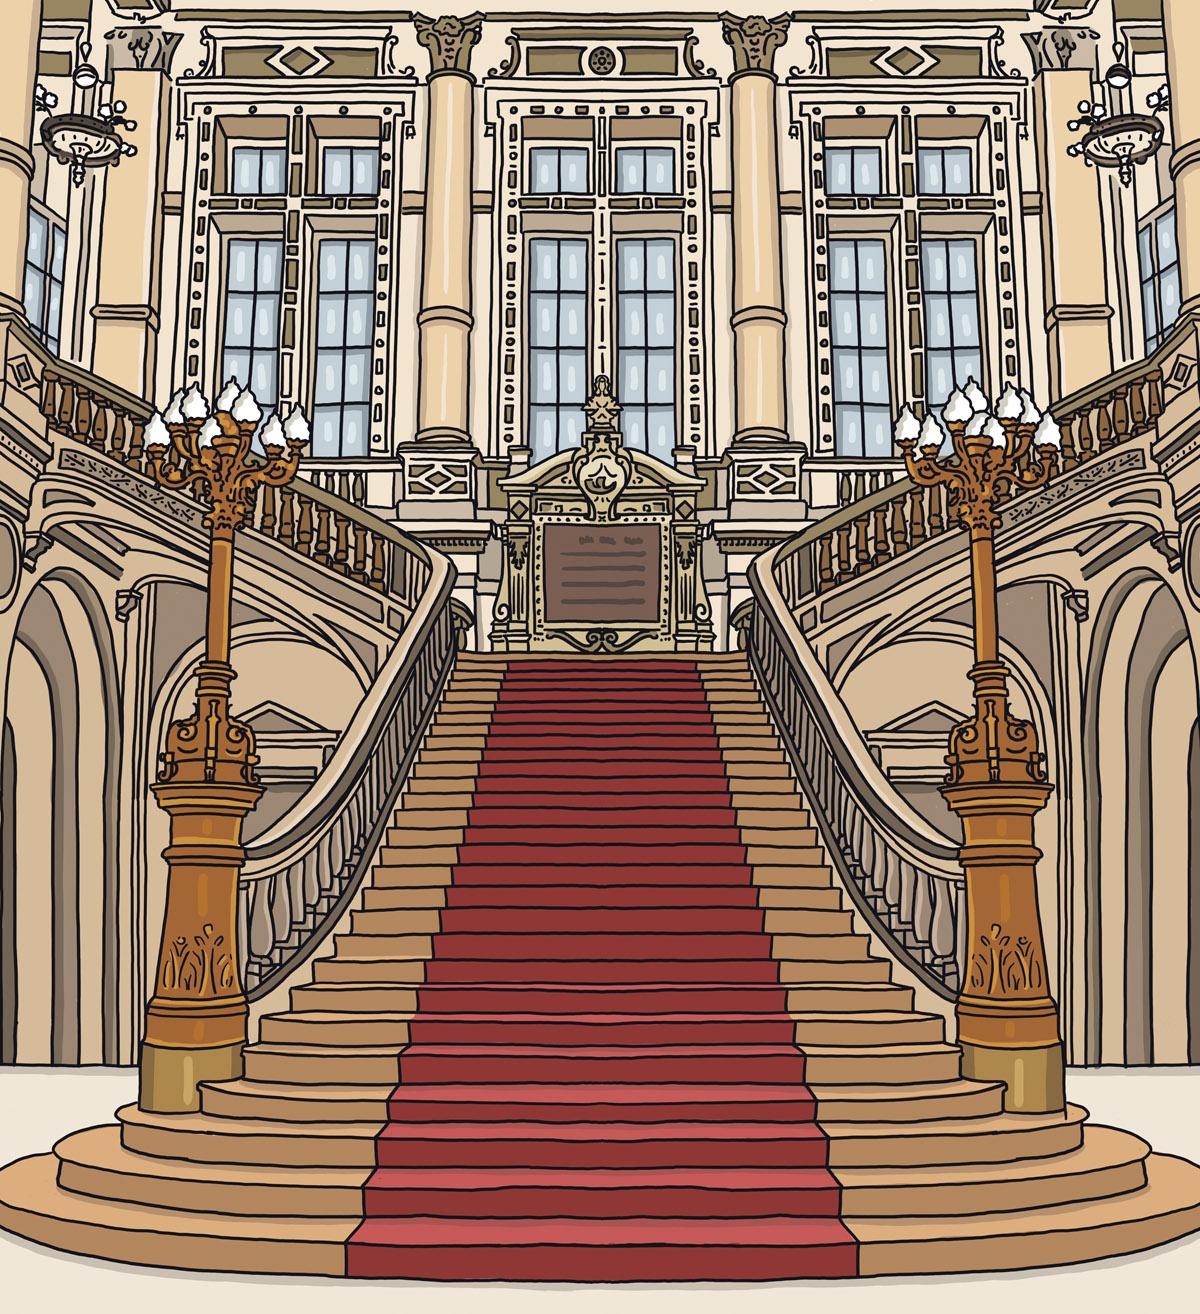 paris-mairie-10eme-arrondissement-rue-du-faubourg-saint-martin-illustration-escalier